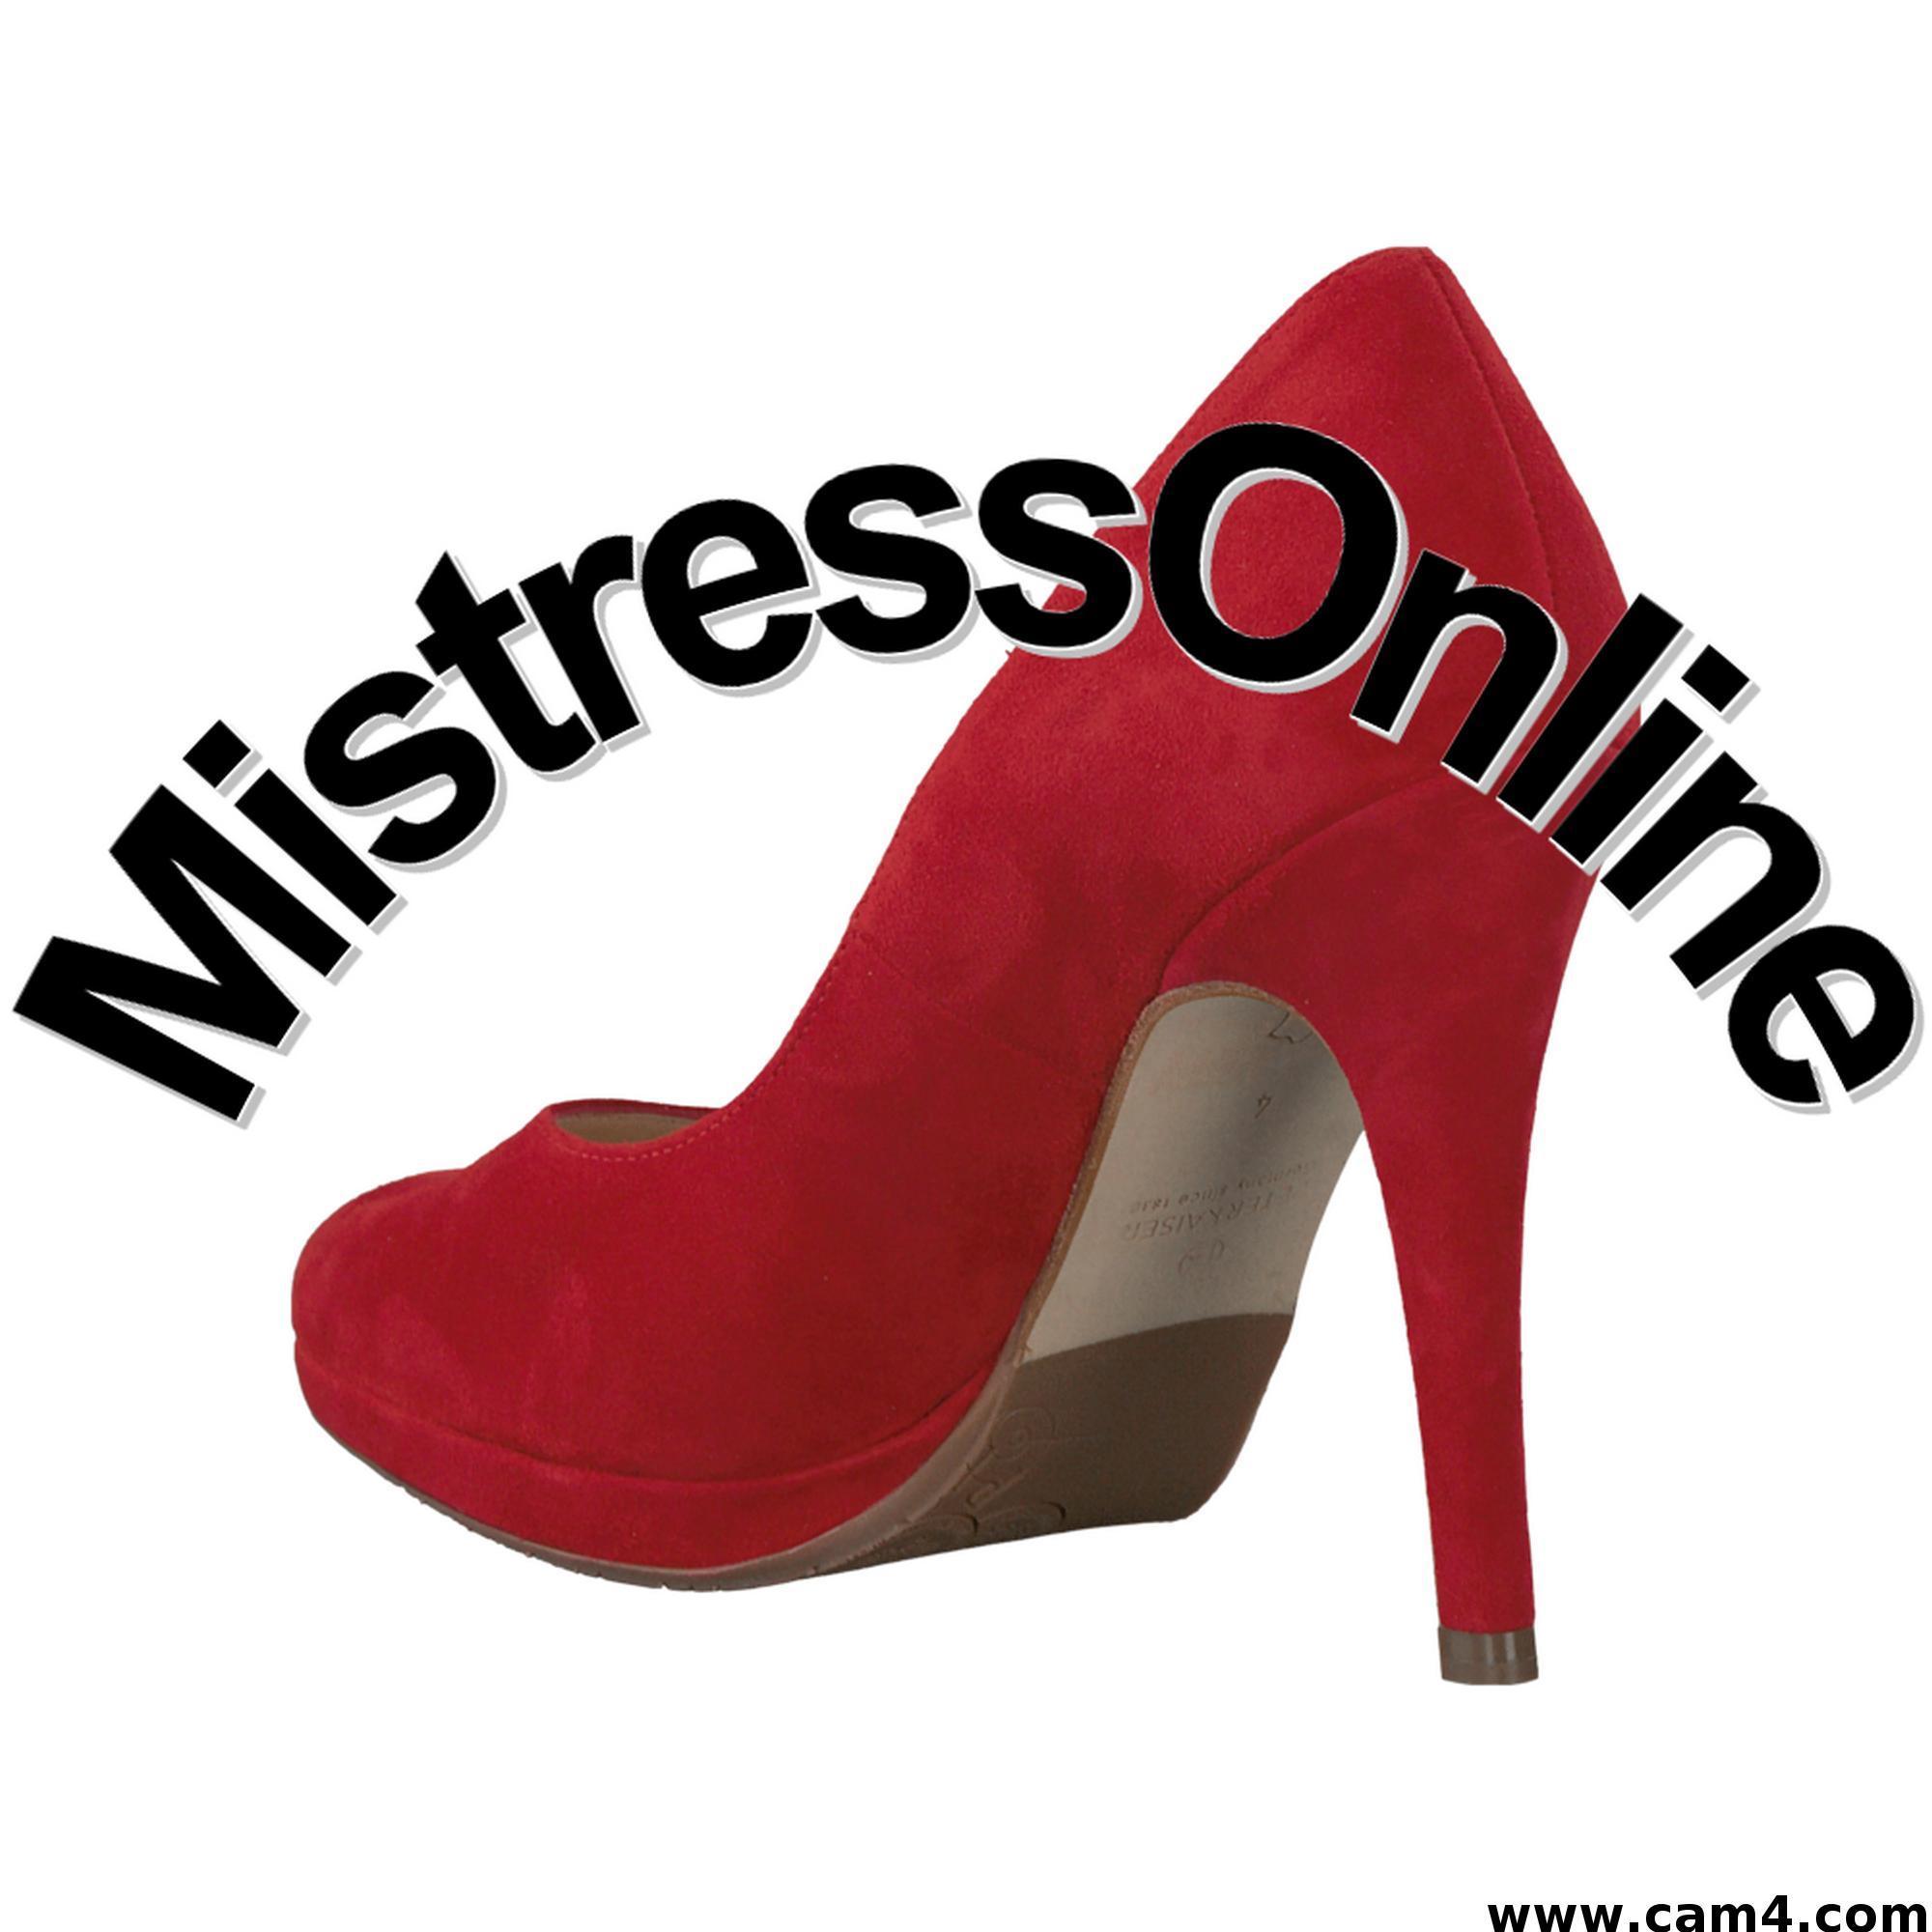 Mistressonline?s=ovhkxy4gd9oot0emr394okdfg6u94rakvgsvbf0lhcy=